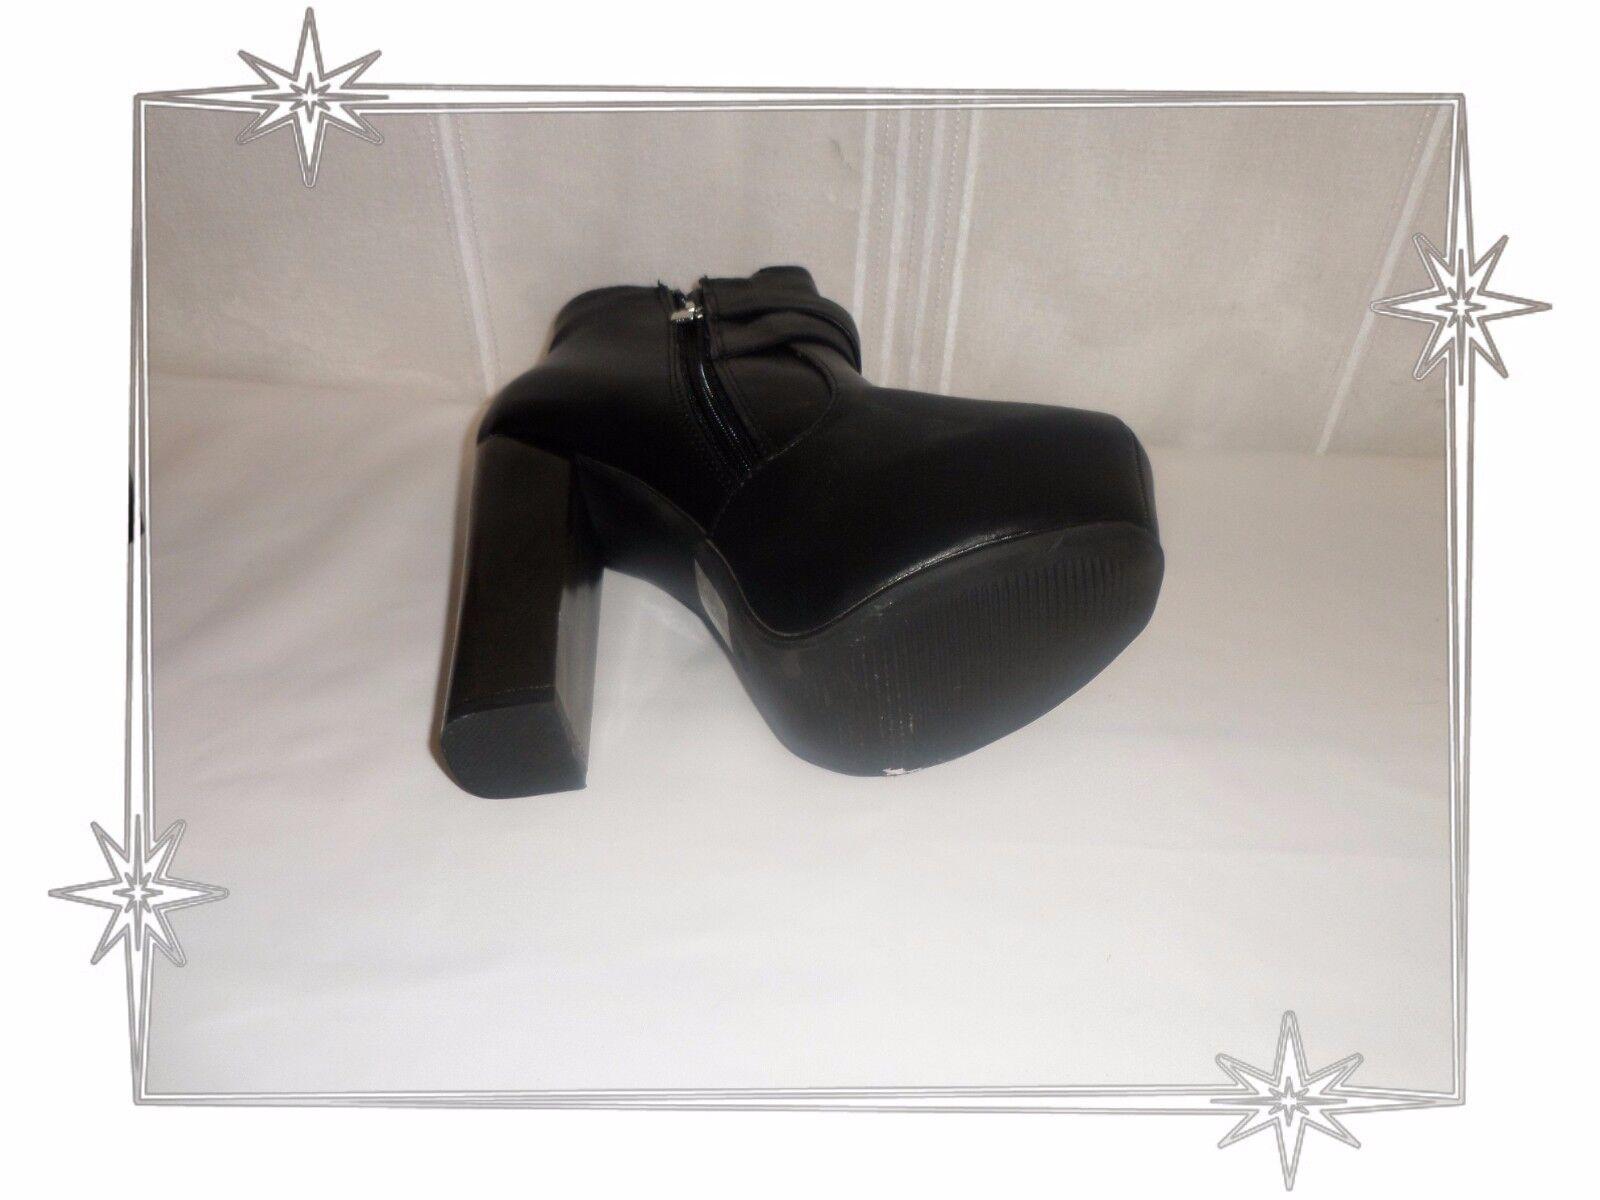 Schön Schwarze Stiefel Phantasien Heels High Heels Phantasien Malien Größe 37 Neue 2b0bce